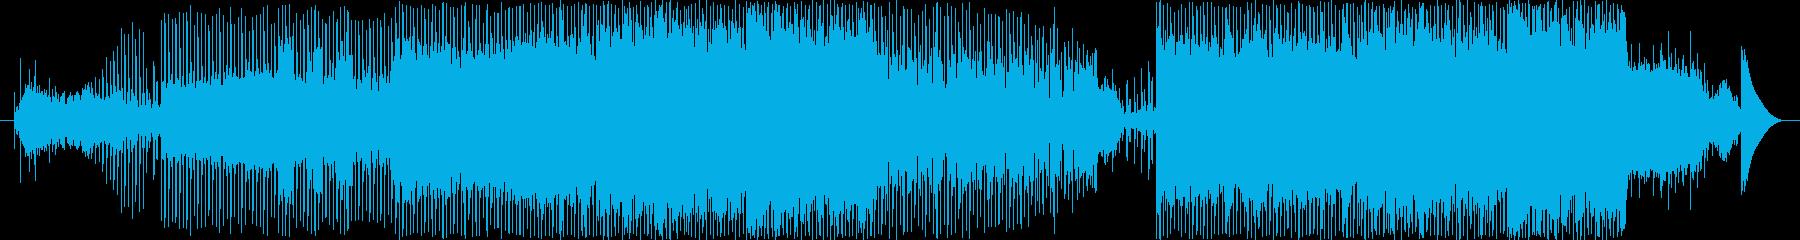 楽しげな雰囲気の近未来テクノポップの再生済みの波形